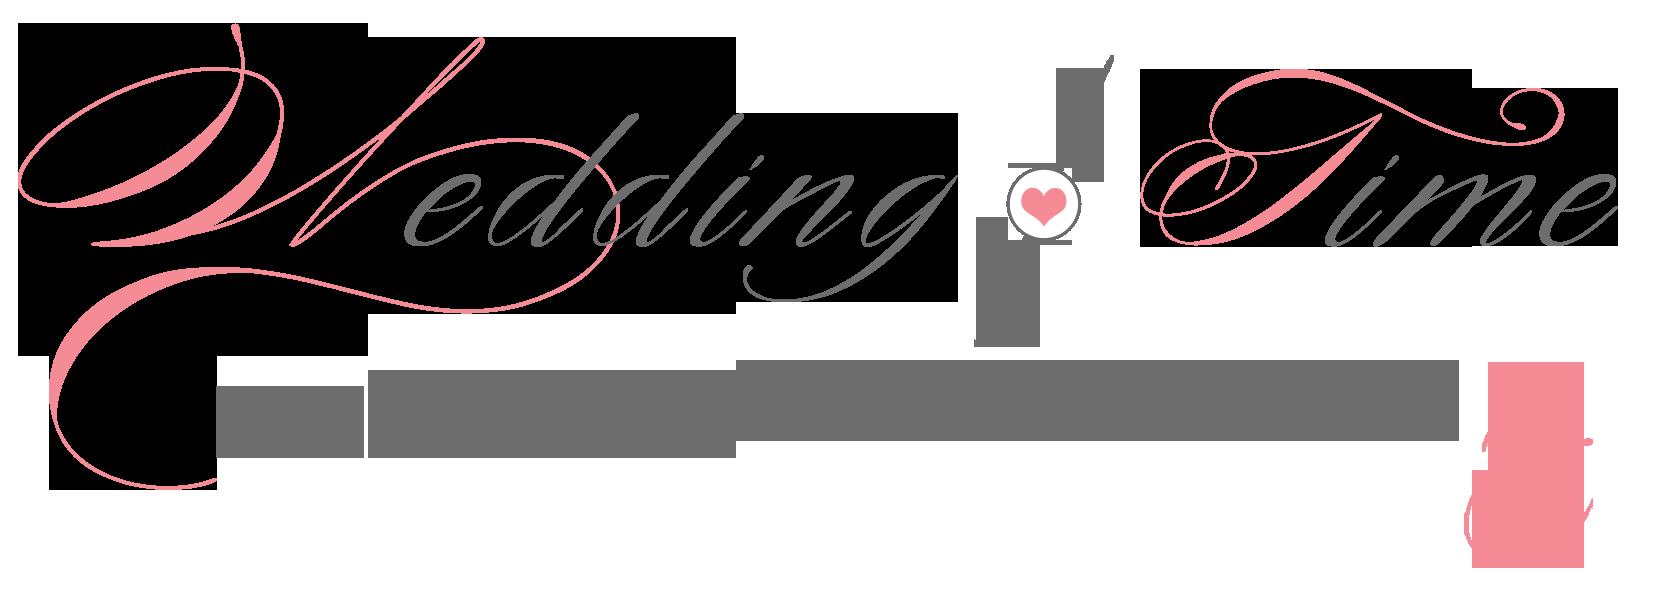 Partecipazioni Personalizzate e Coordinati per Matrimoni Esclusivi